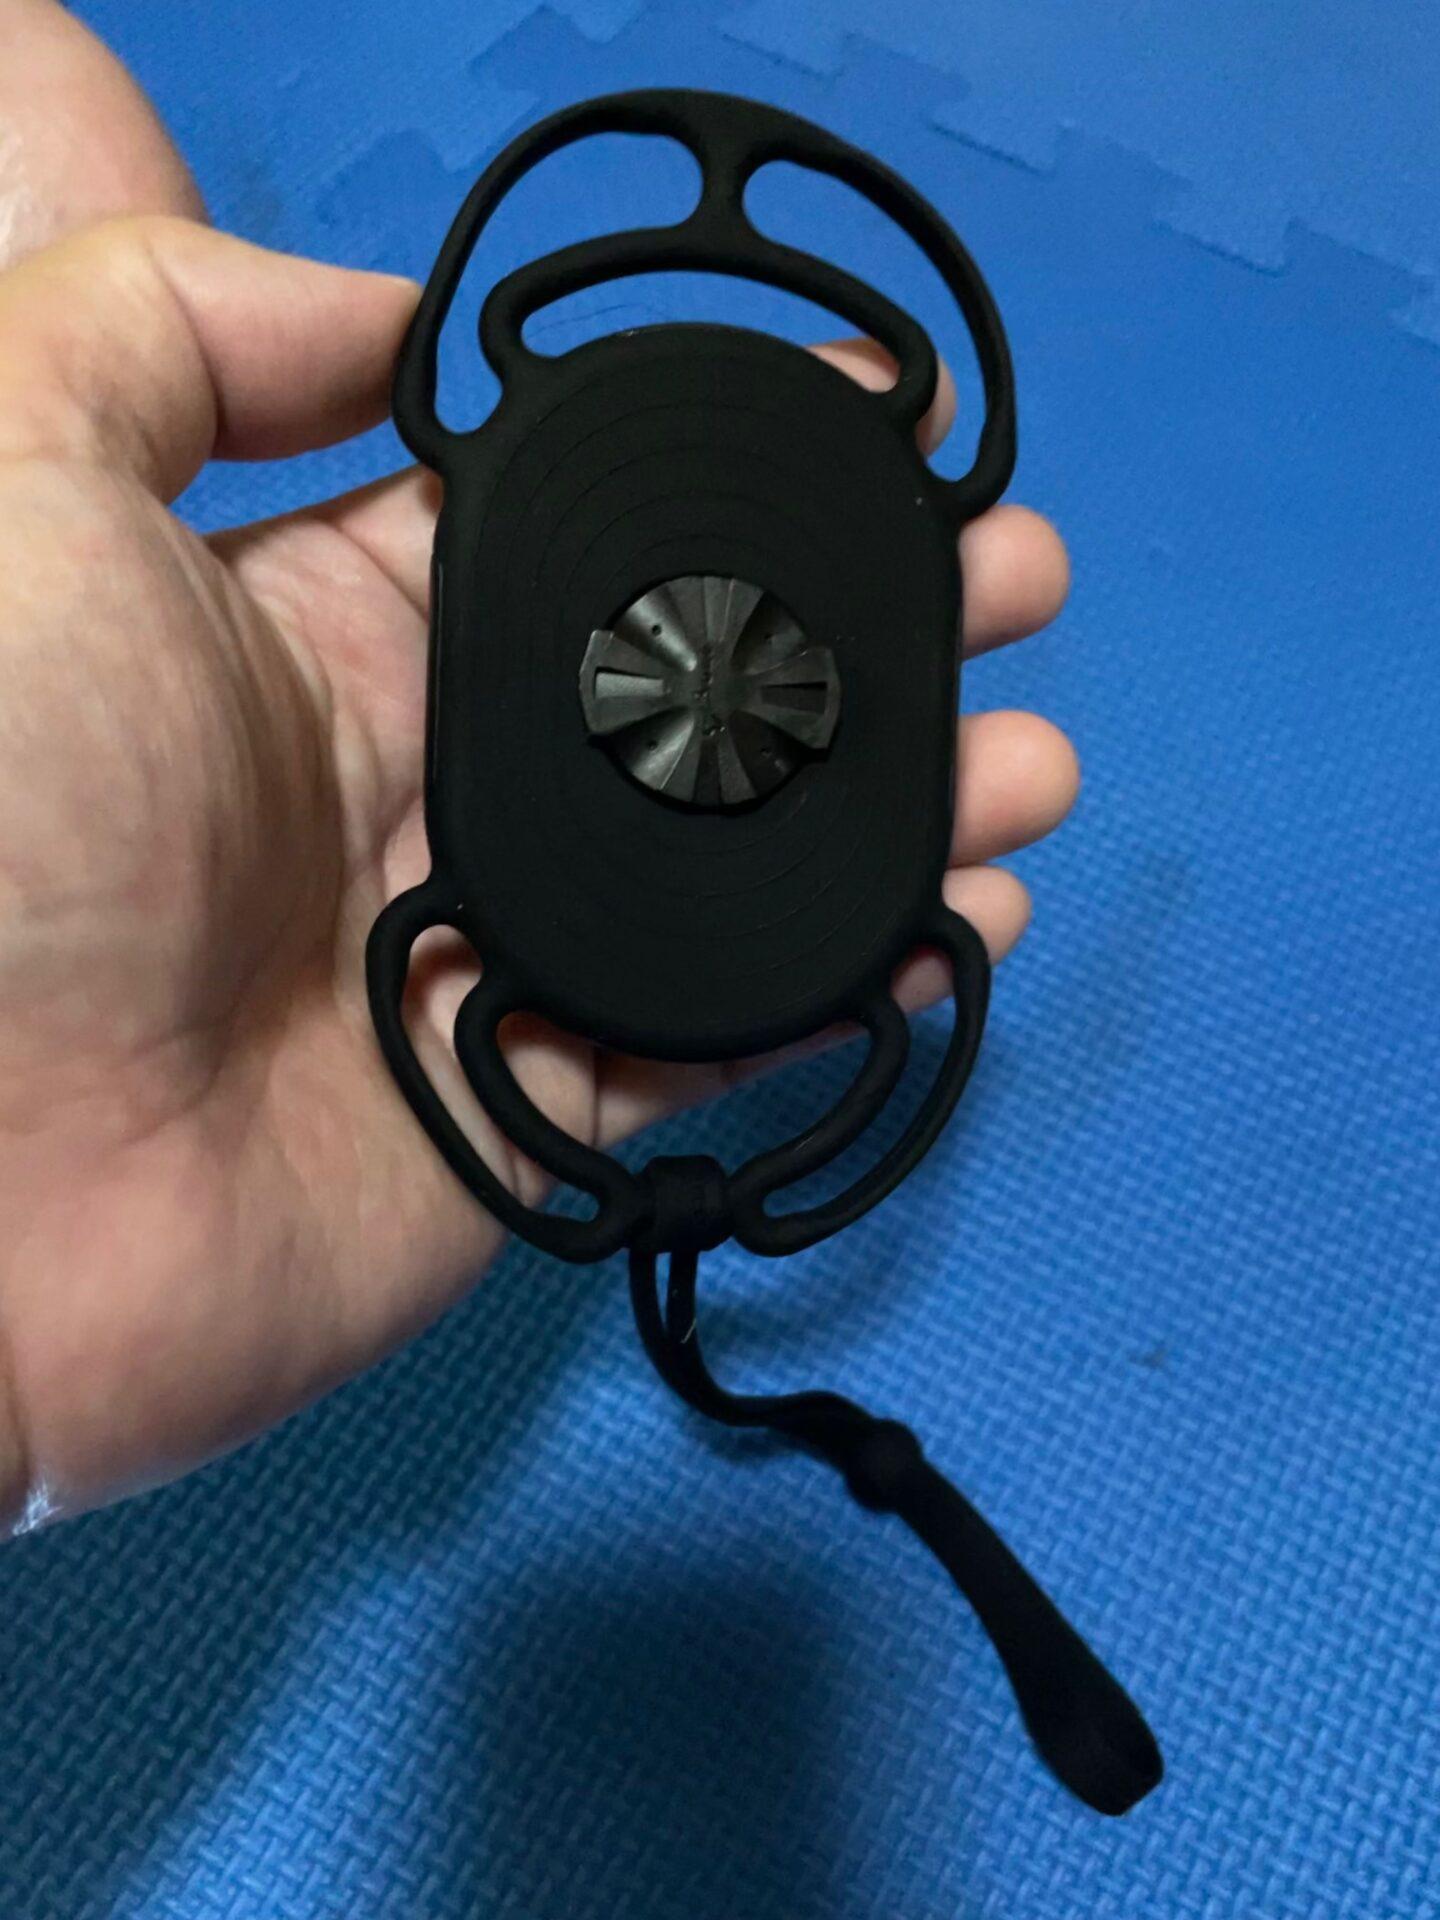 ロードバイク スマートフォンホルダー Tie Connect System (Bike Tie Connect) ストラップ 落下防止